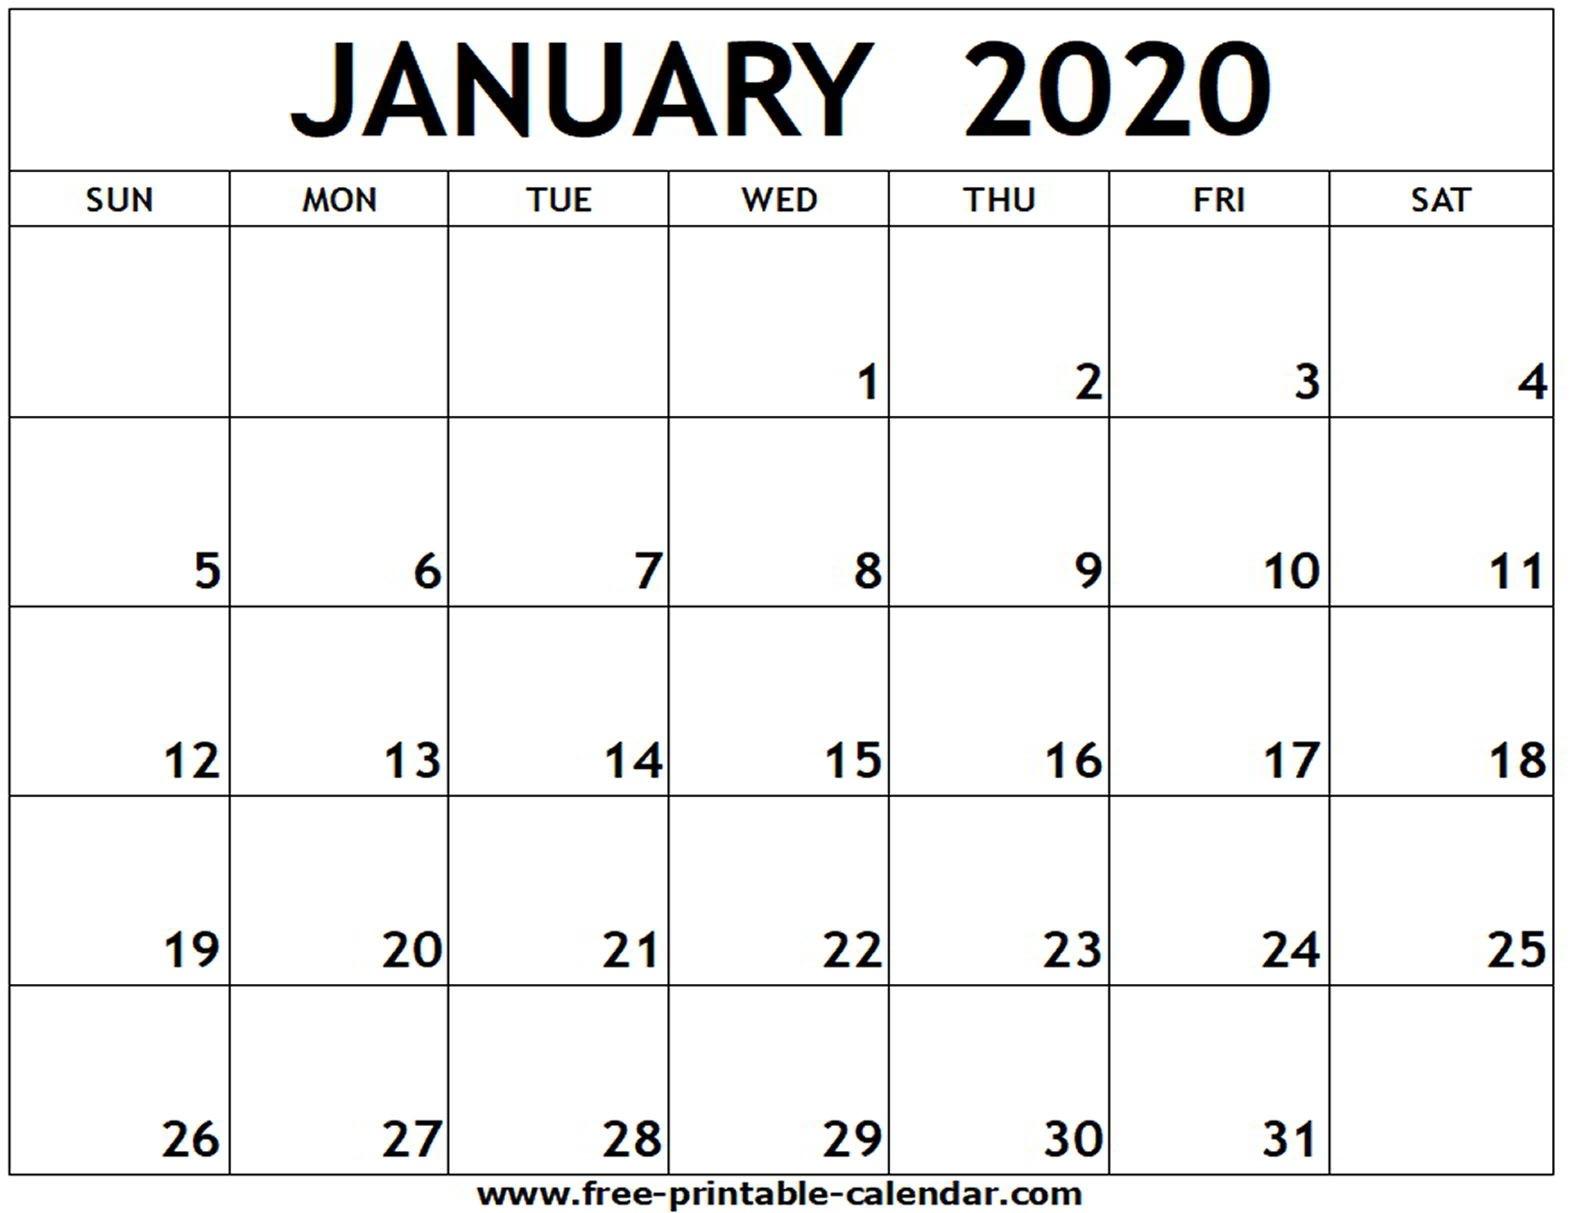 January 2020 Printable Calendar - Free-Printable-Calendar-Free Printable January 2020 Calendar Template